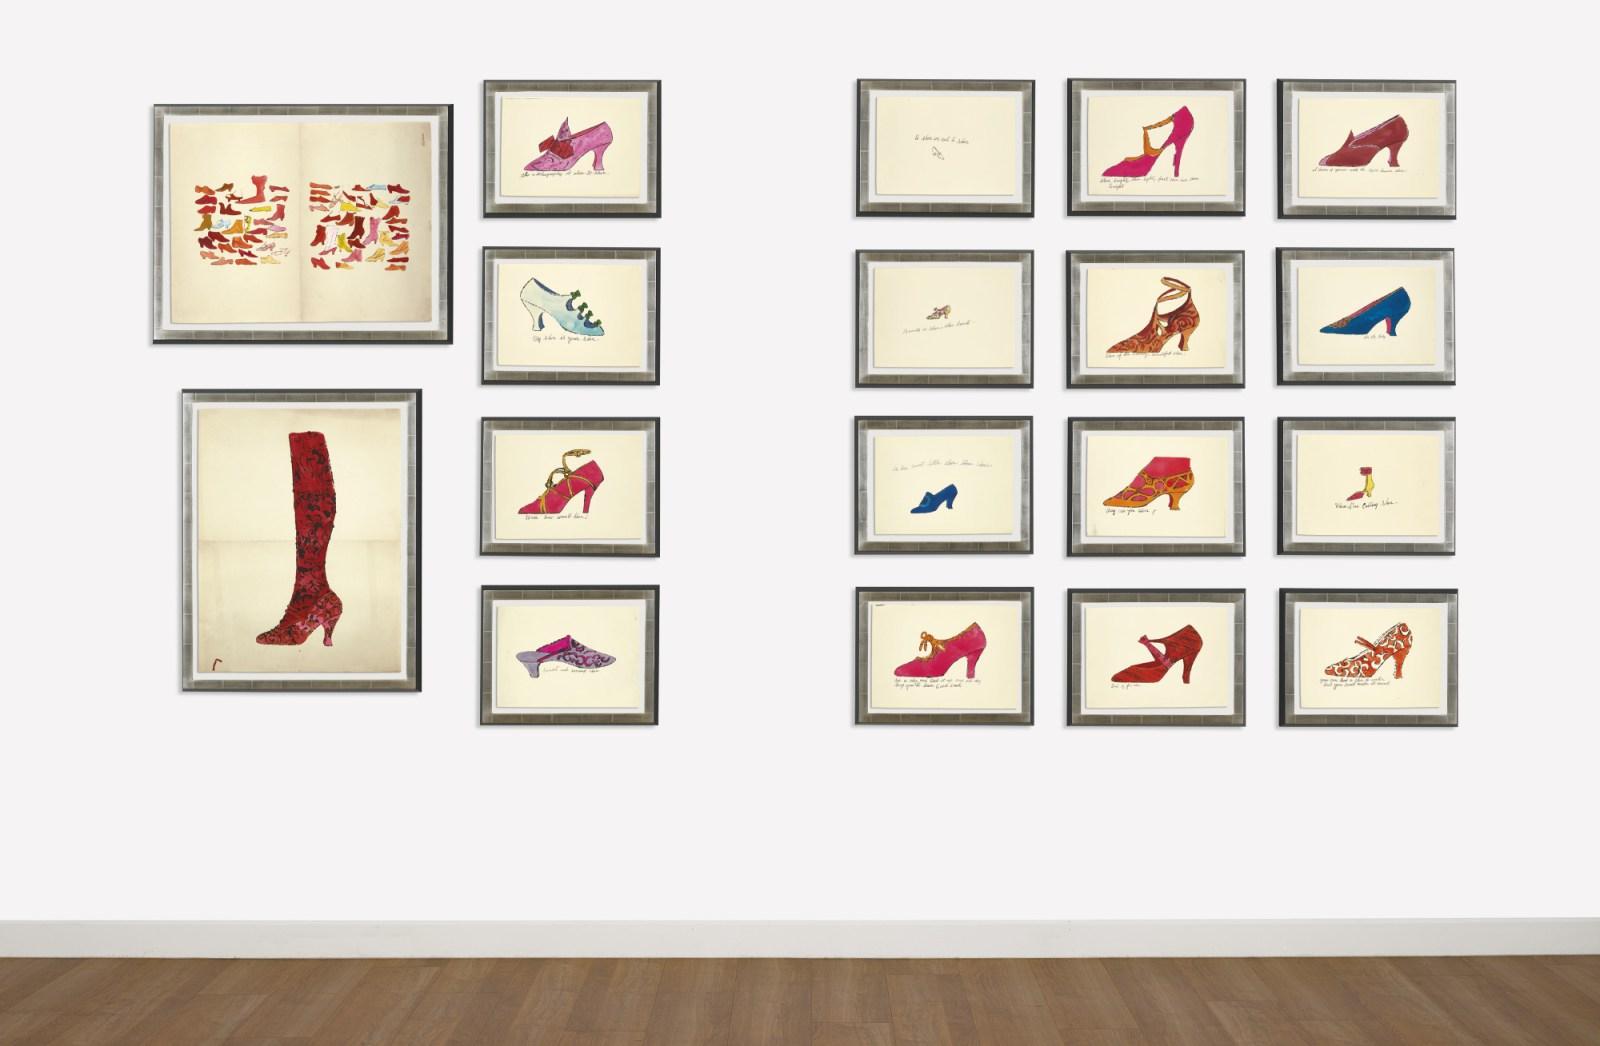 2016年3月蘇富比拍賣16雙安迪沃荷手繪的平版印刷